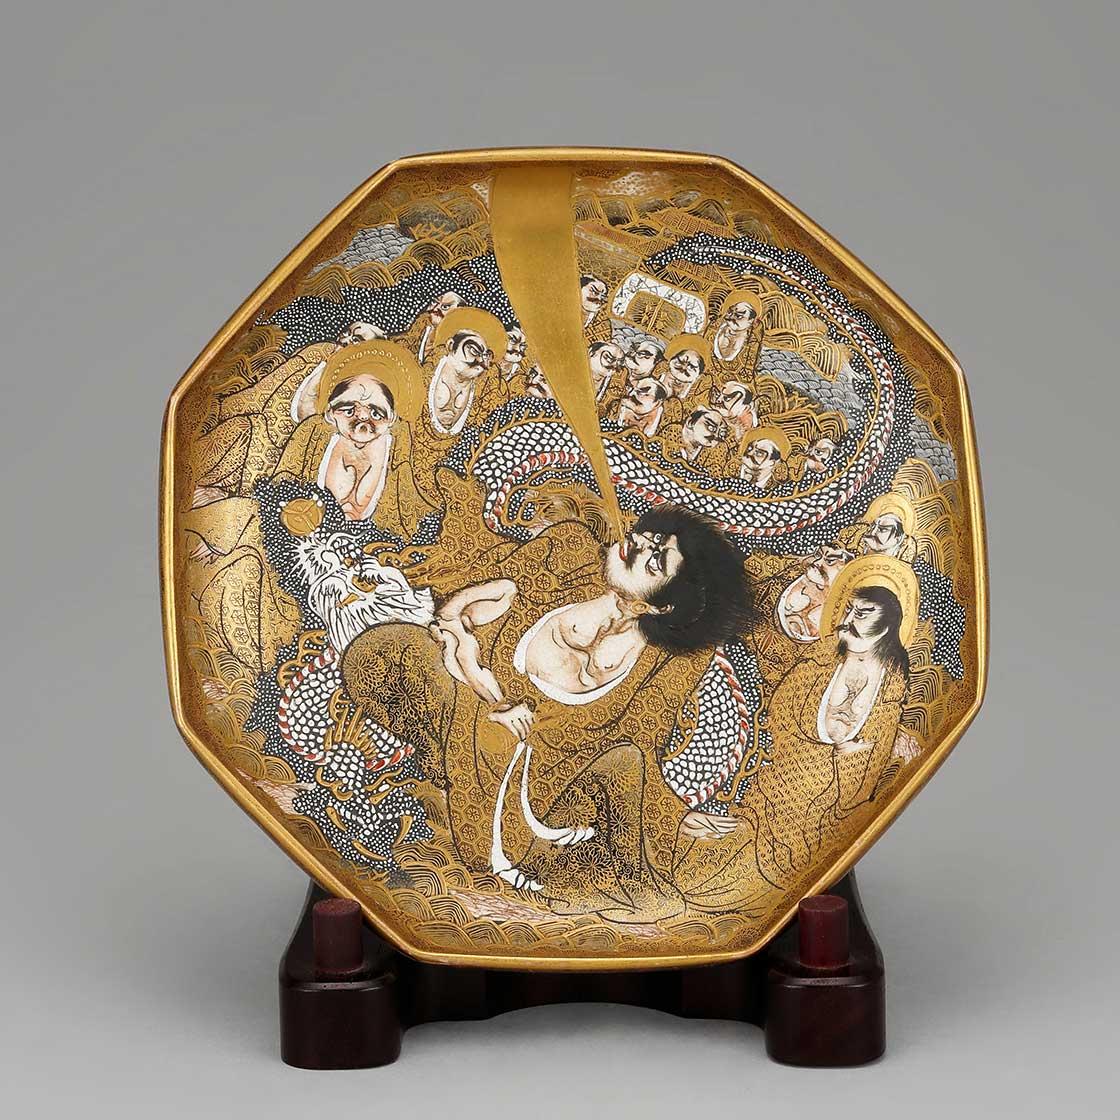 上絵金彩人物図飾皿(長崎薩摩)